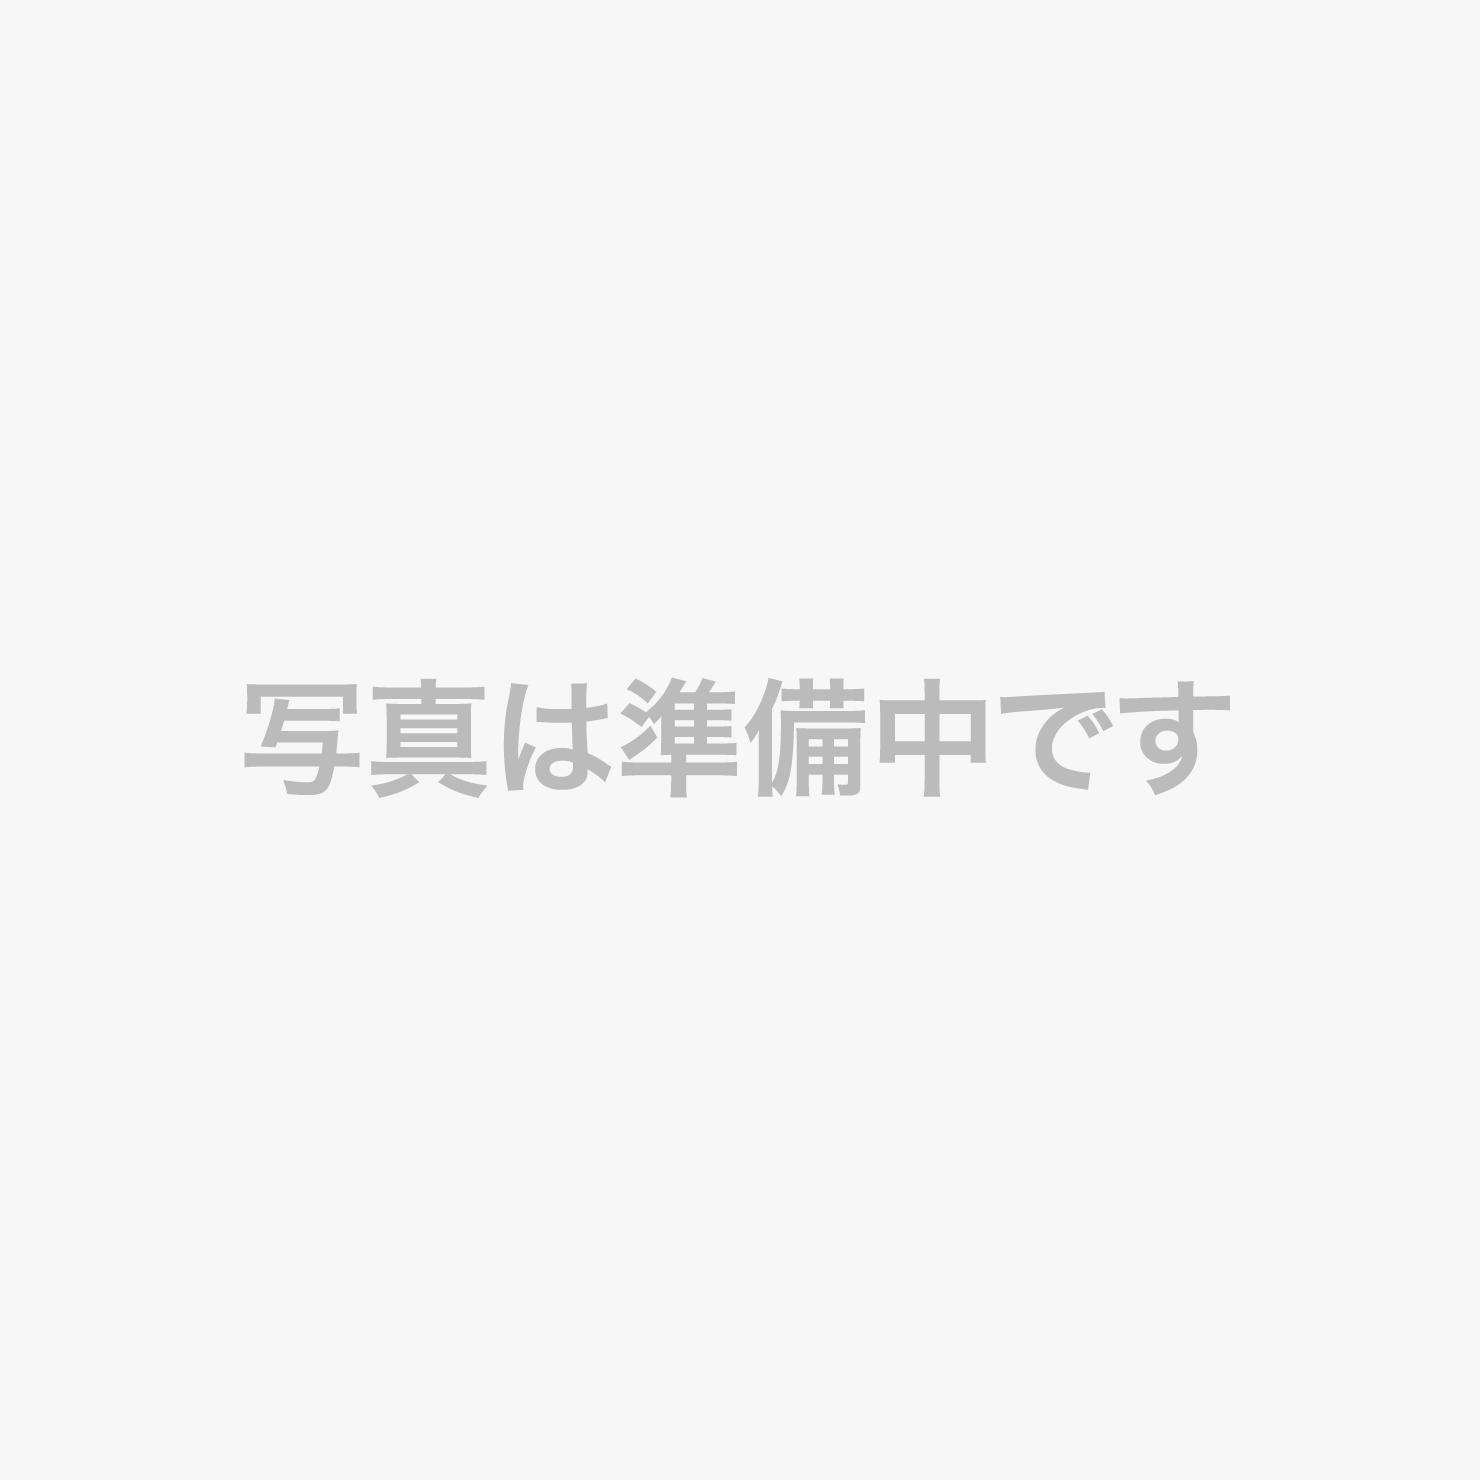 【季節のロビー装飾でお出迎え】(2~3月)ひな人形